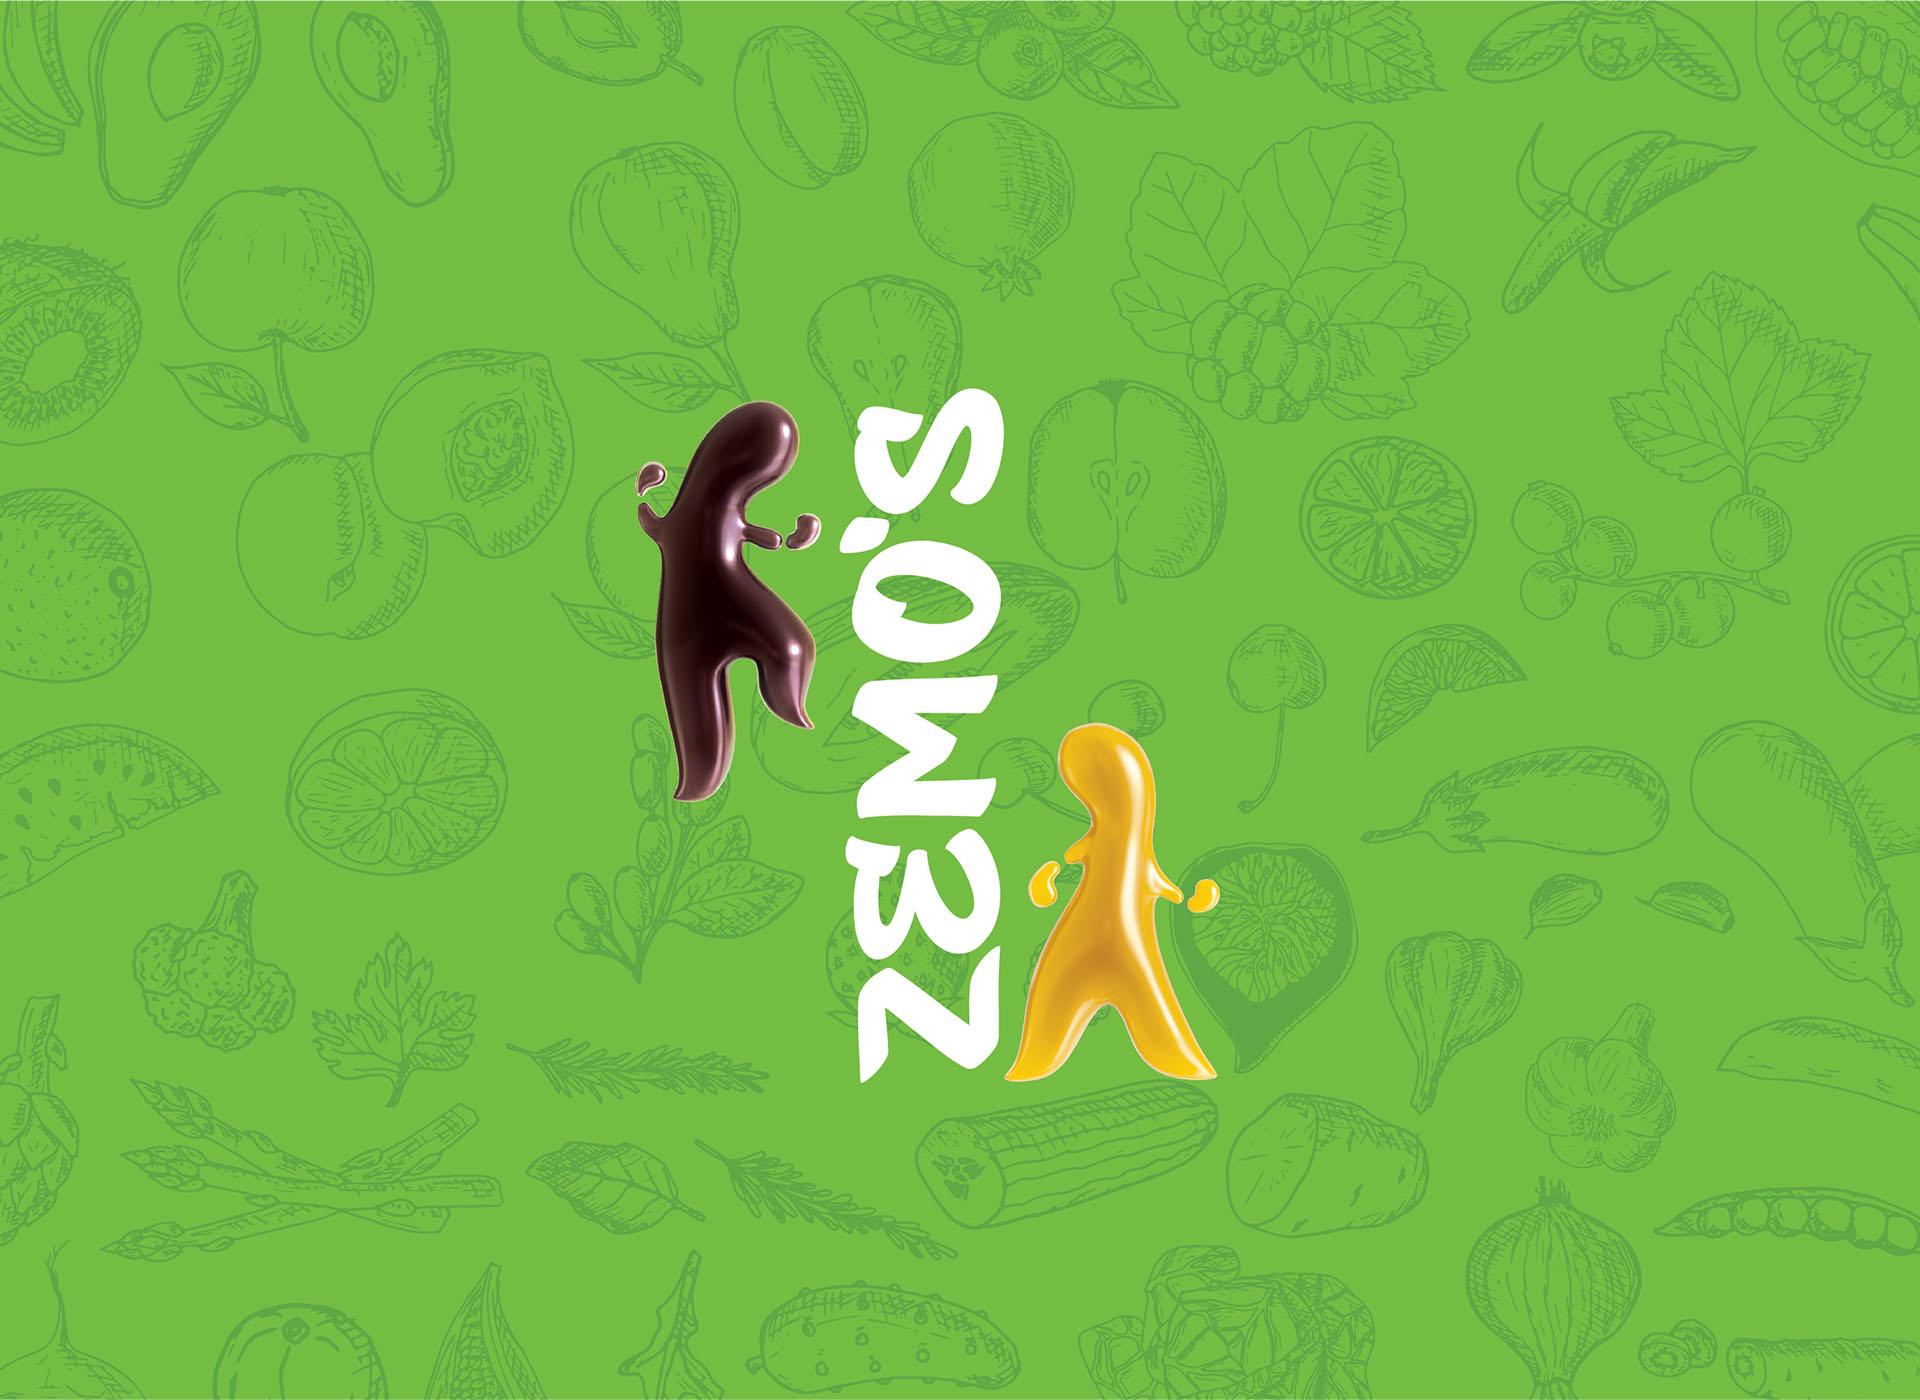 Zemo's